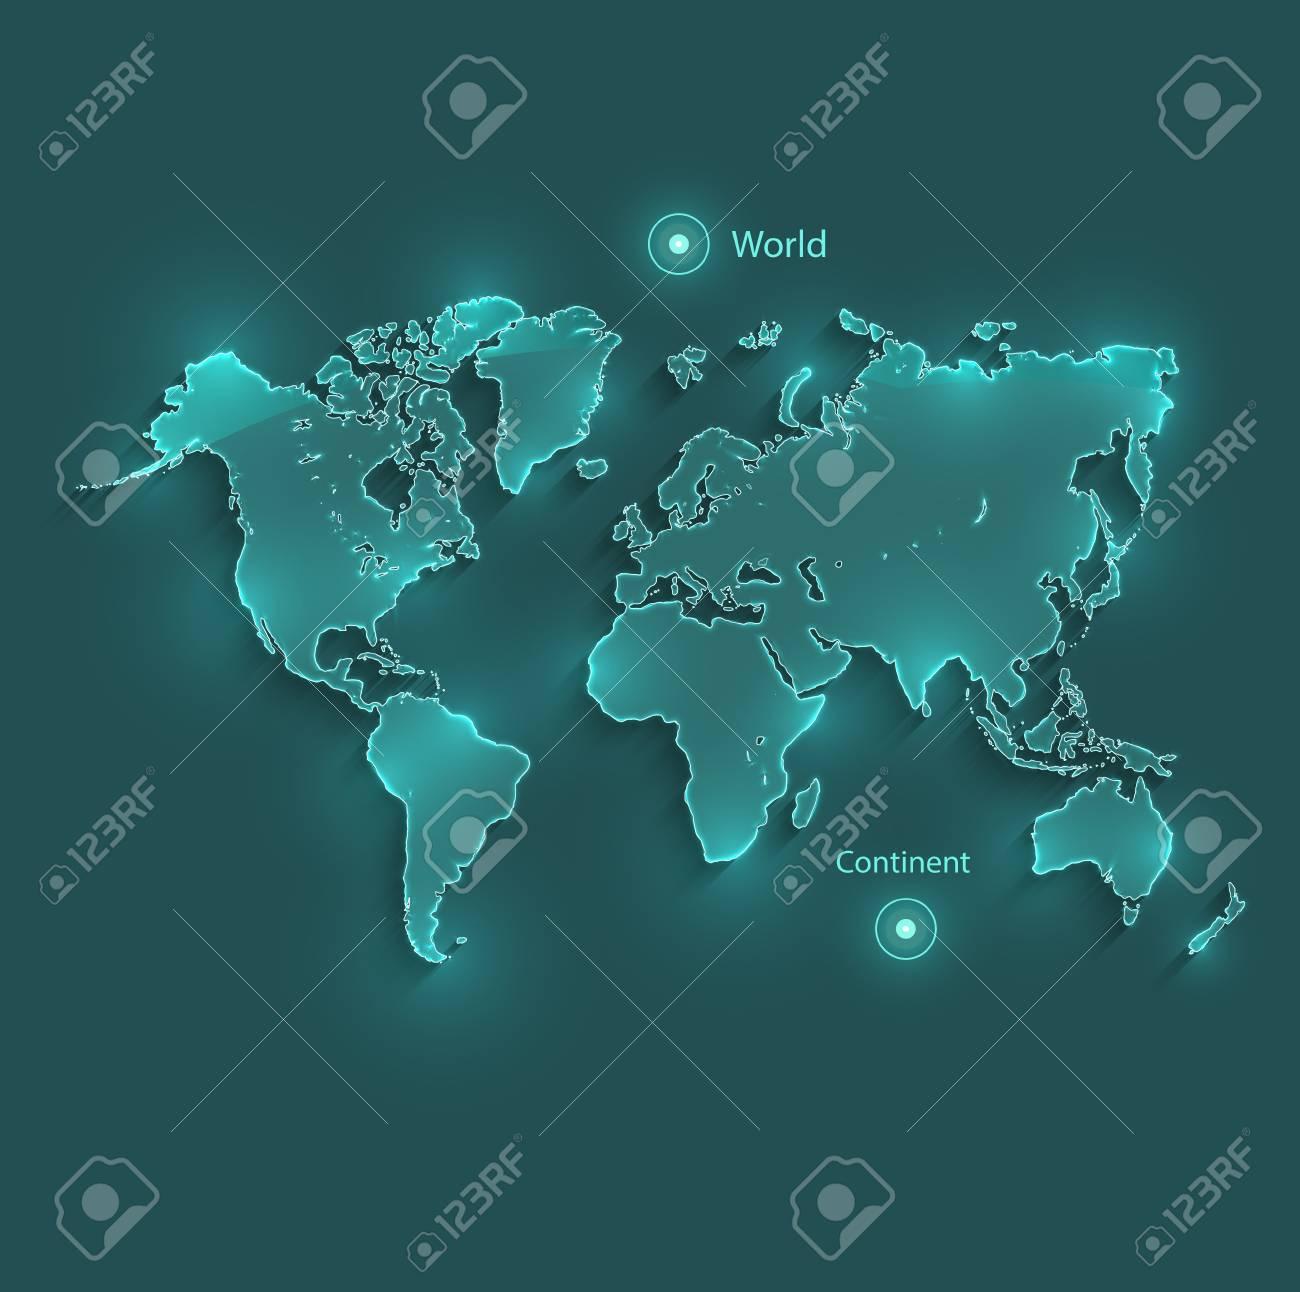 Carte Du Monde Lumineuse.Vecteur De Neon Lumineux De Carte Du Monde